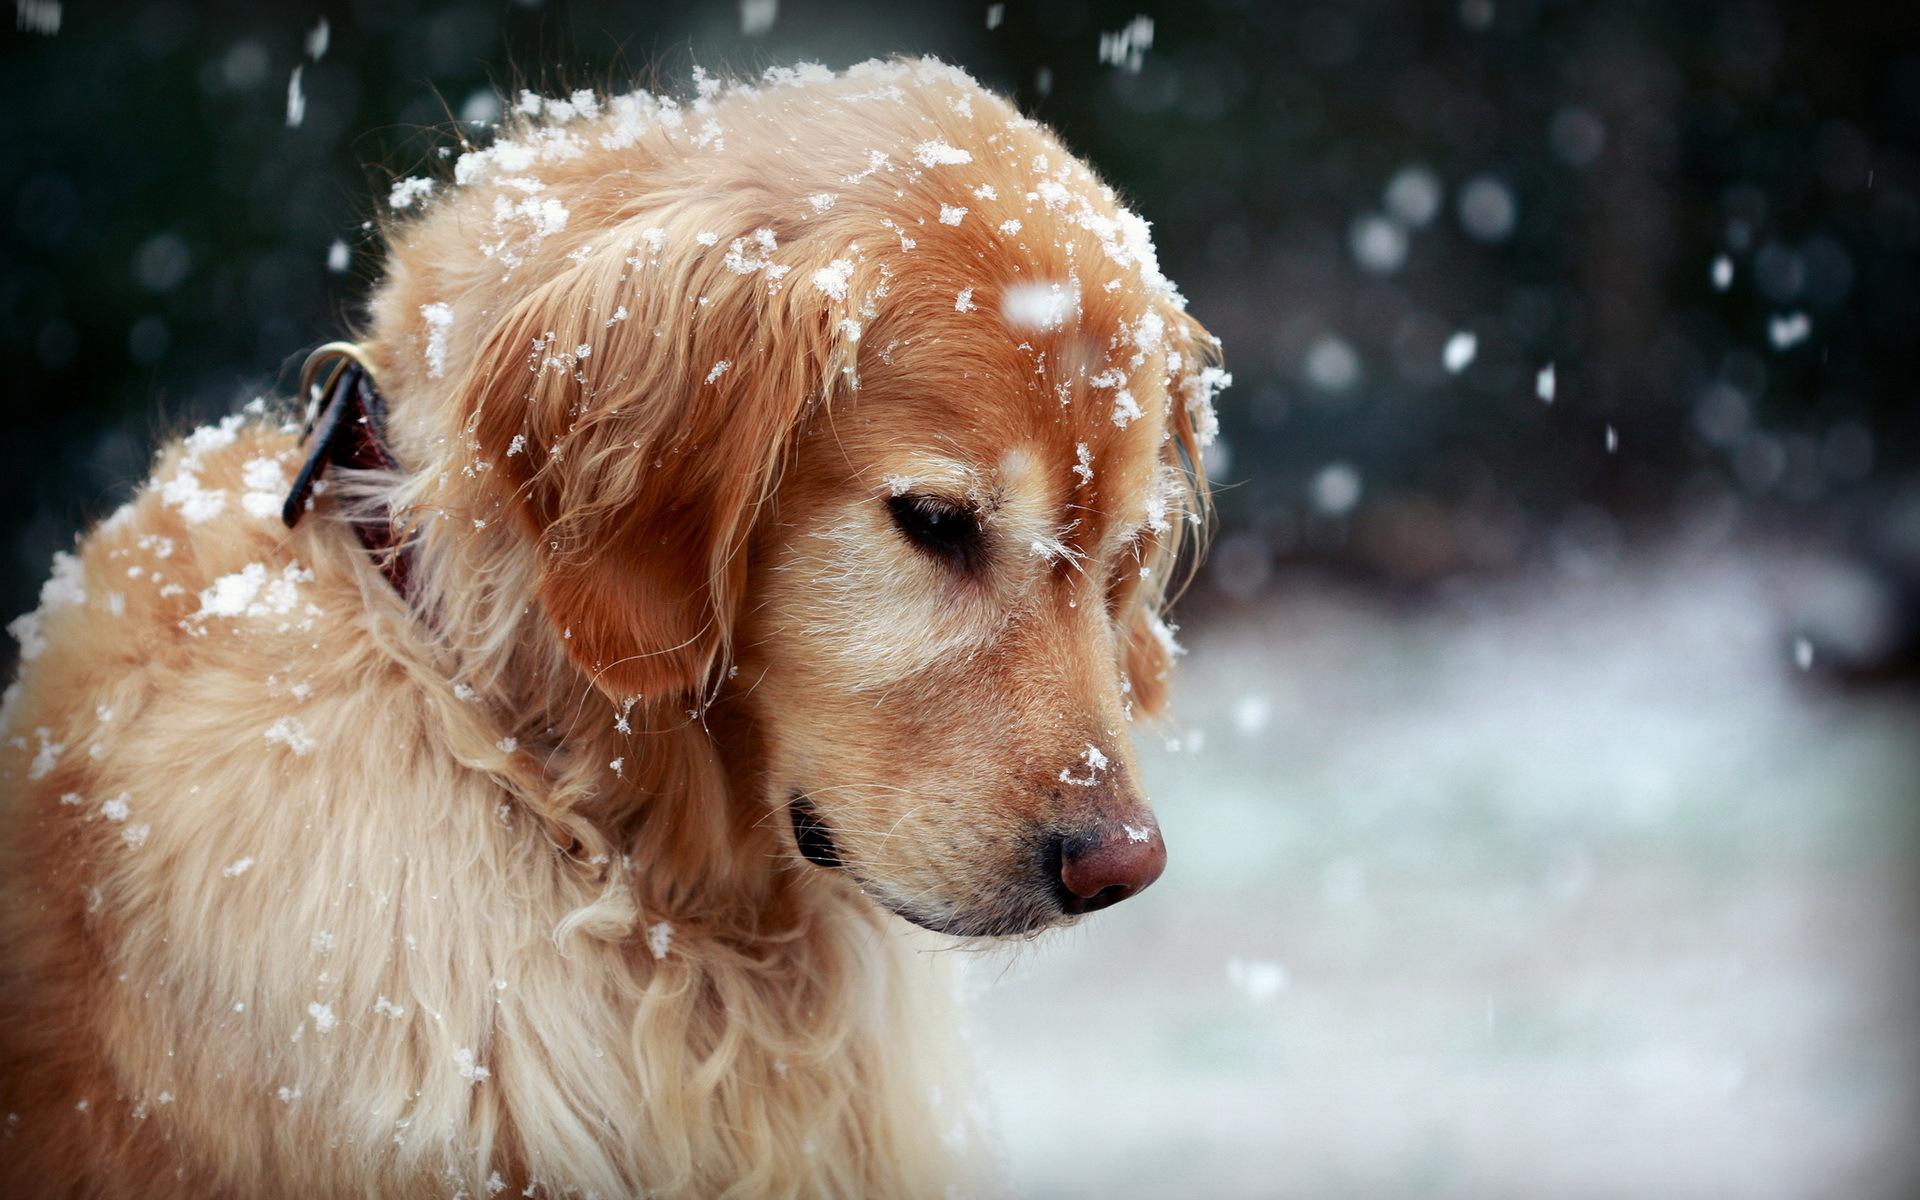 Dog winter snow wallpaper | 1920x1200 | 50115 | WallpaperUP